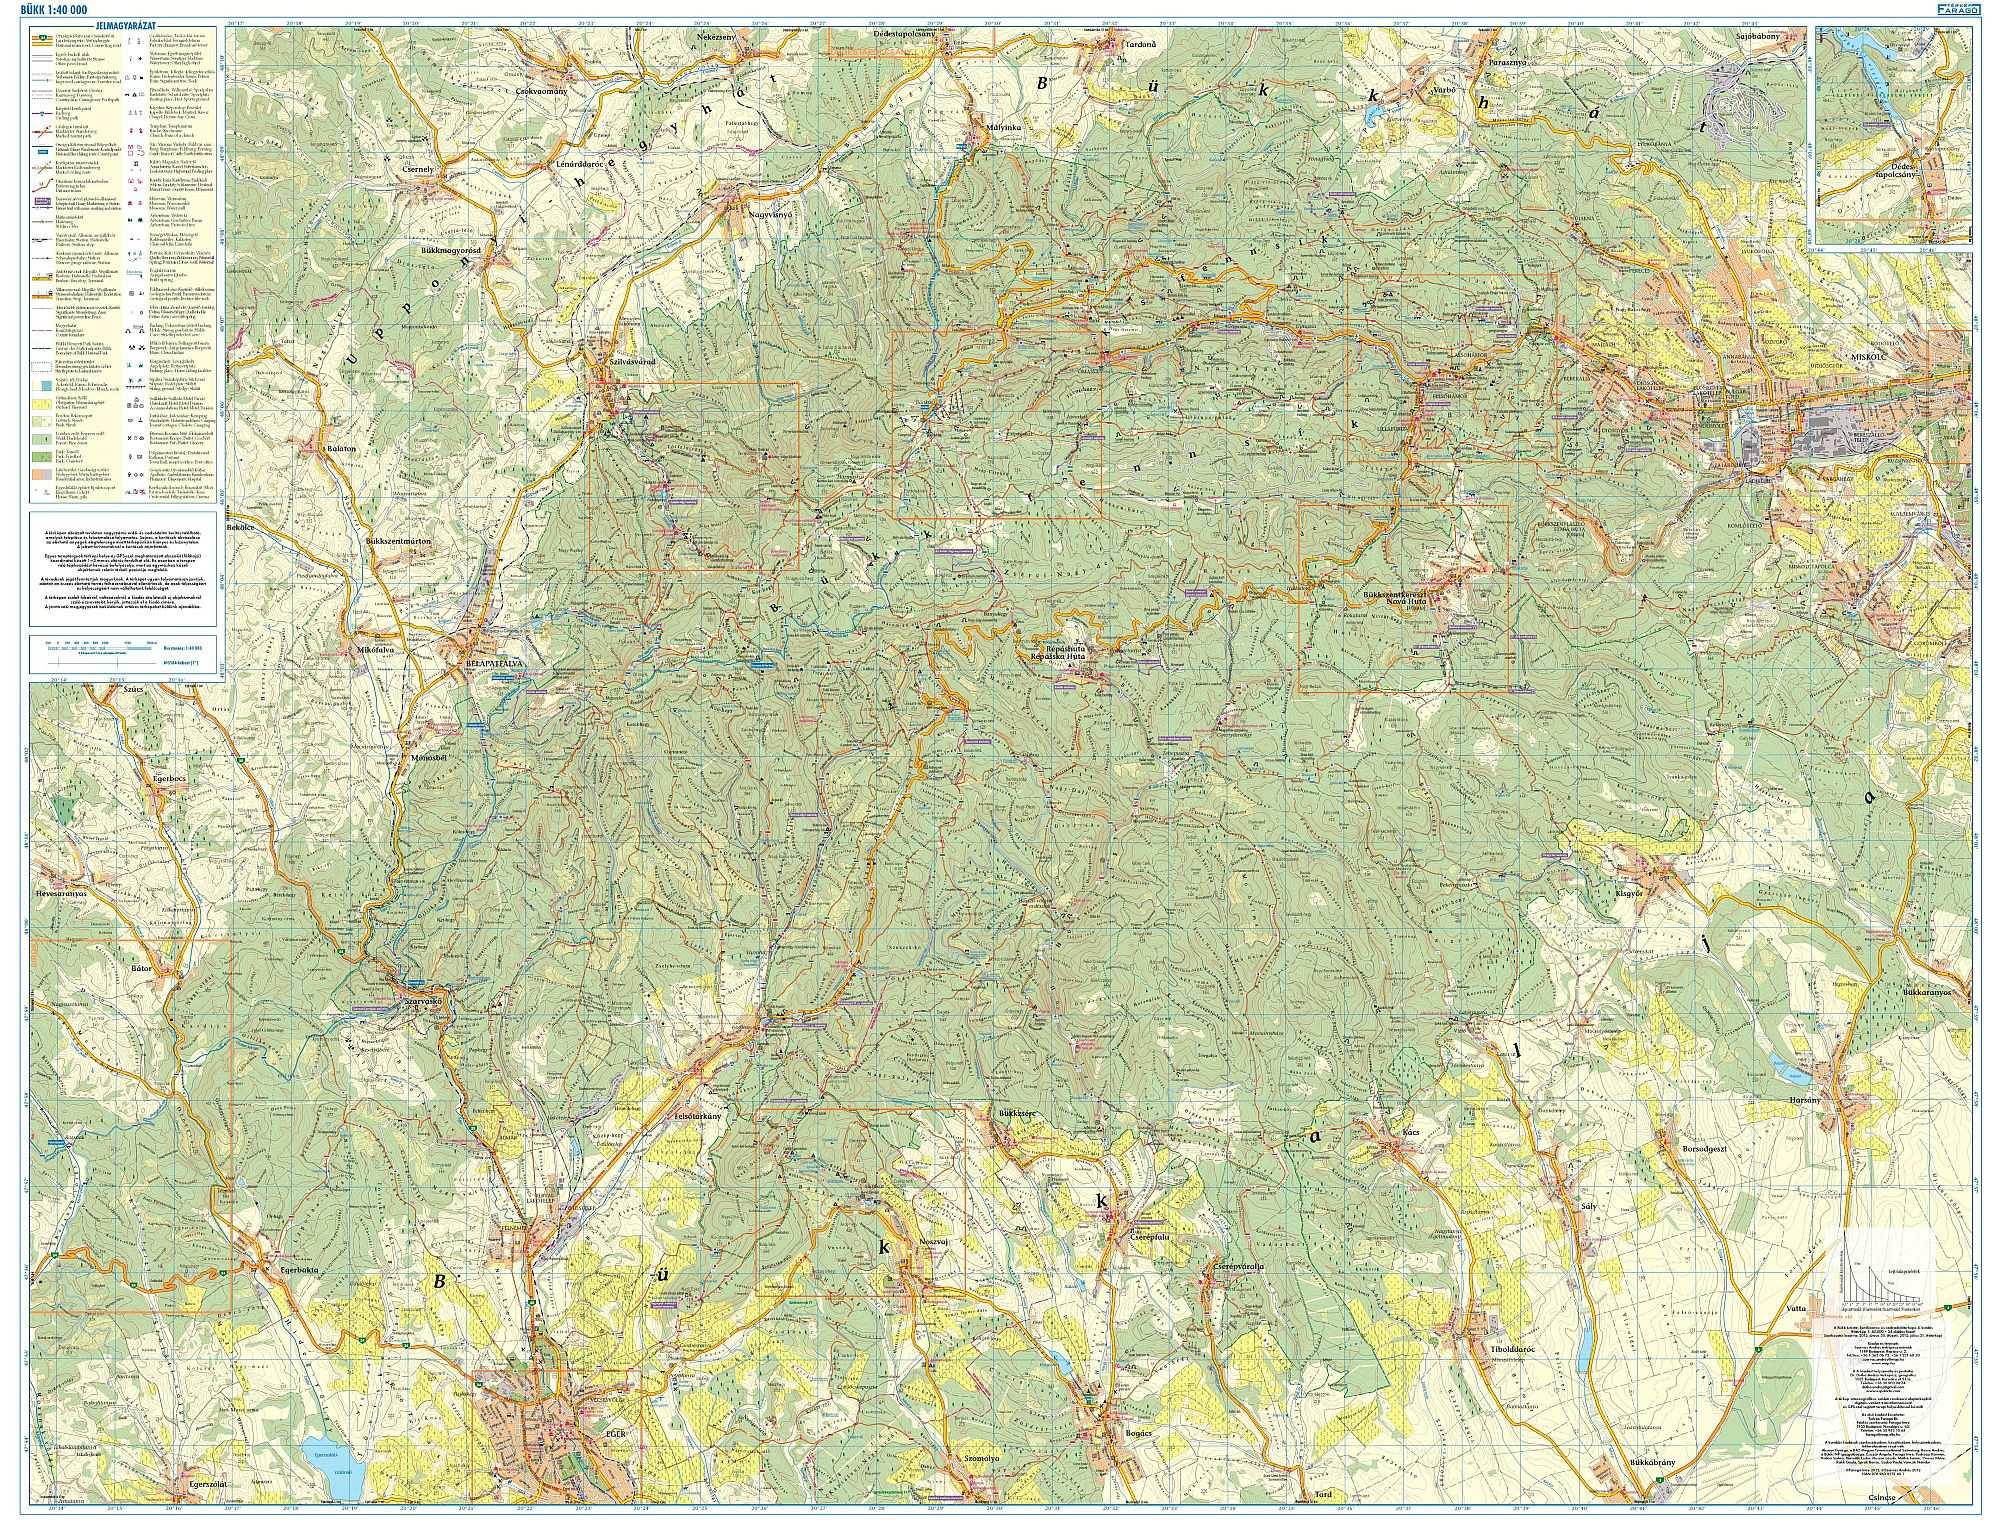 eger kerékpárút térkép Bükk turista  és kerékpáros térkép / Szarvas – FRIGORIA Könyvkiadó  eger kerékpárút térkép